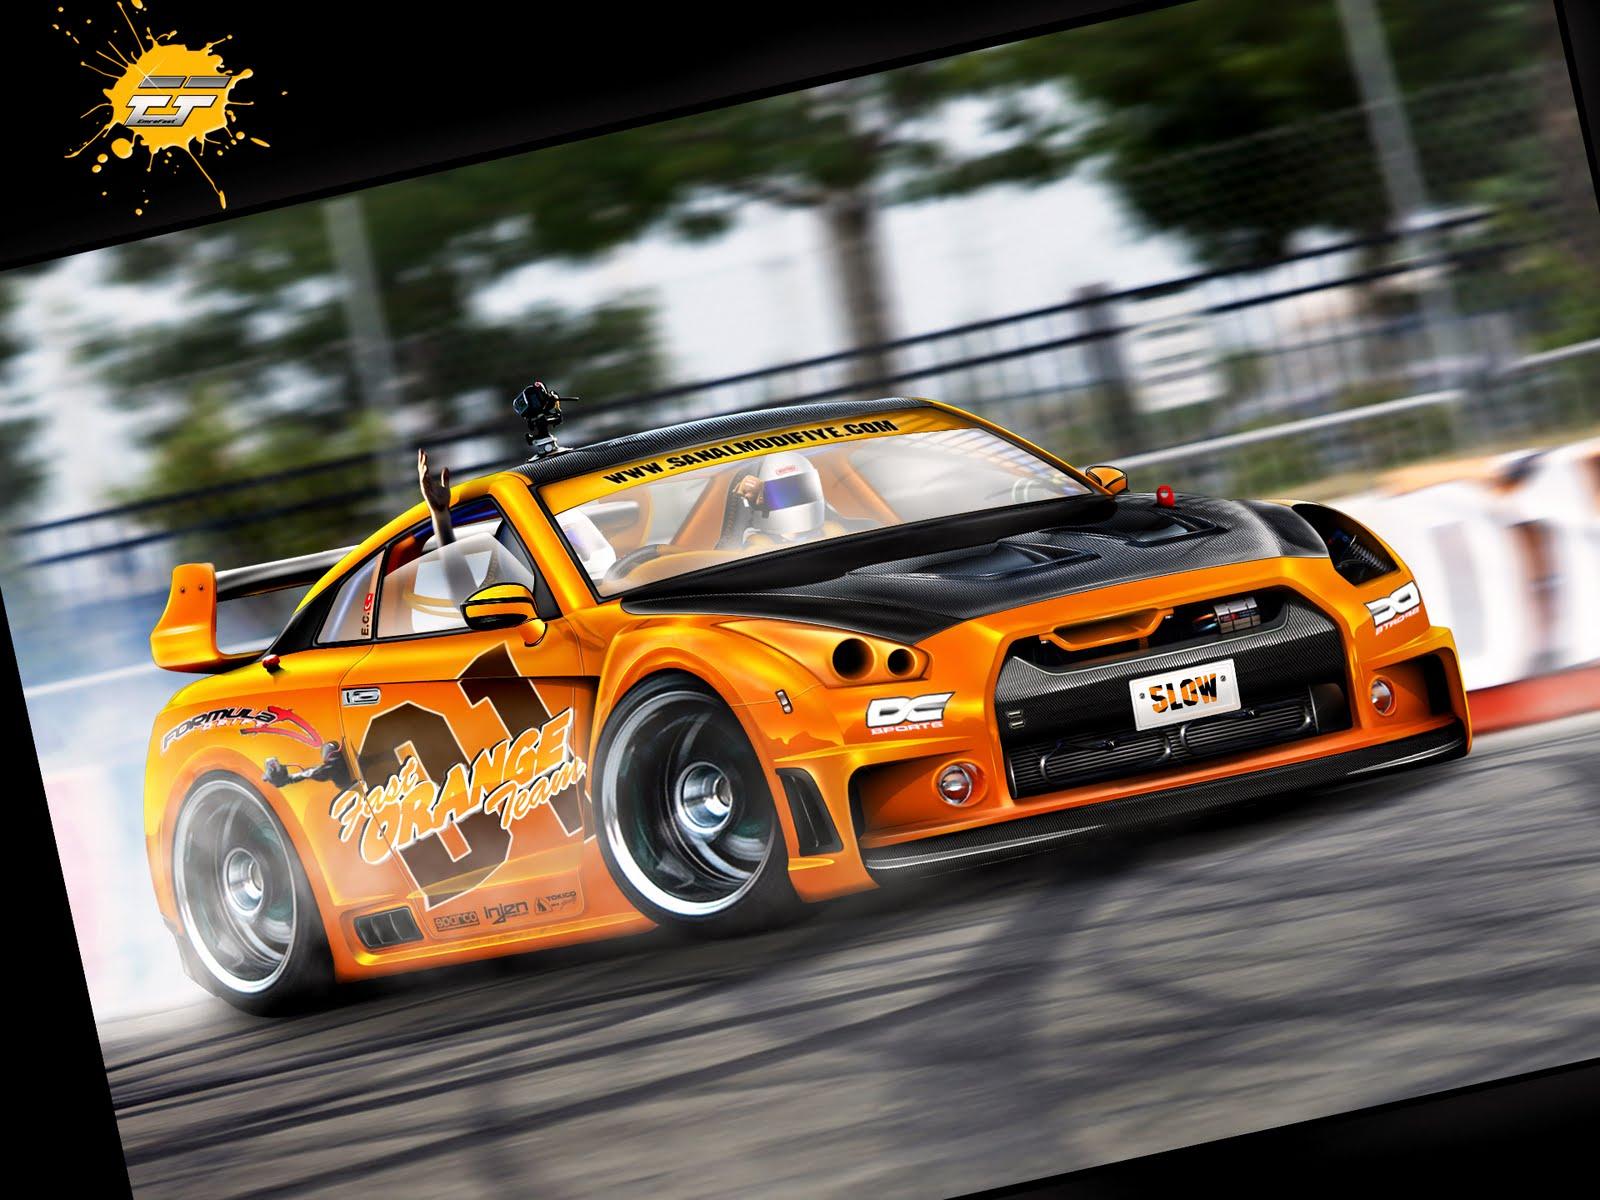 2013 Nissan Skyline Cars - Cars